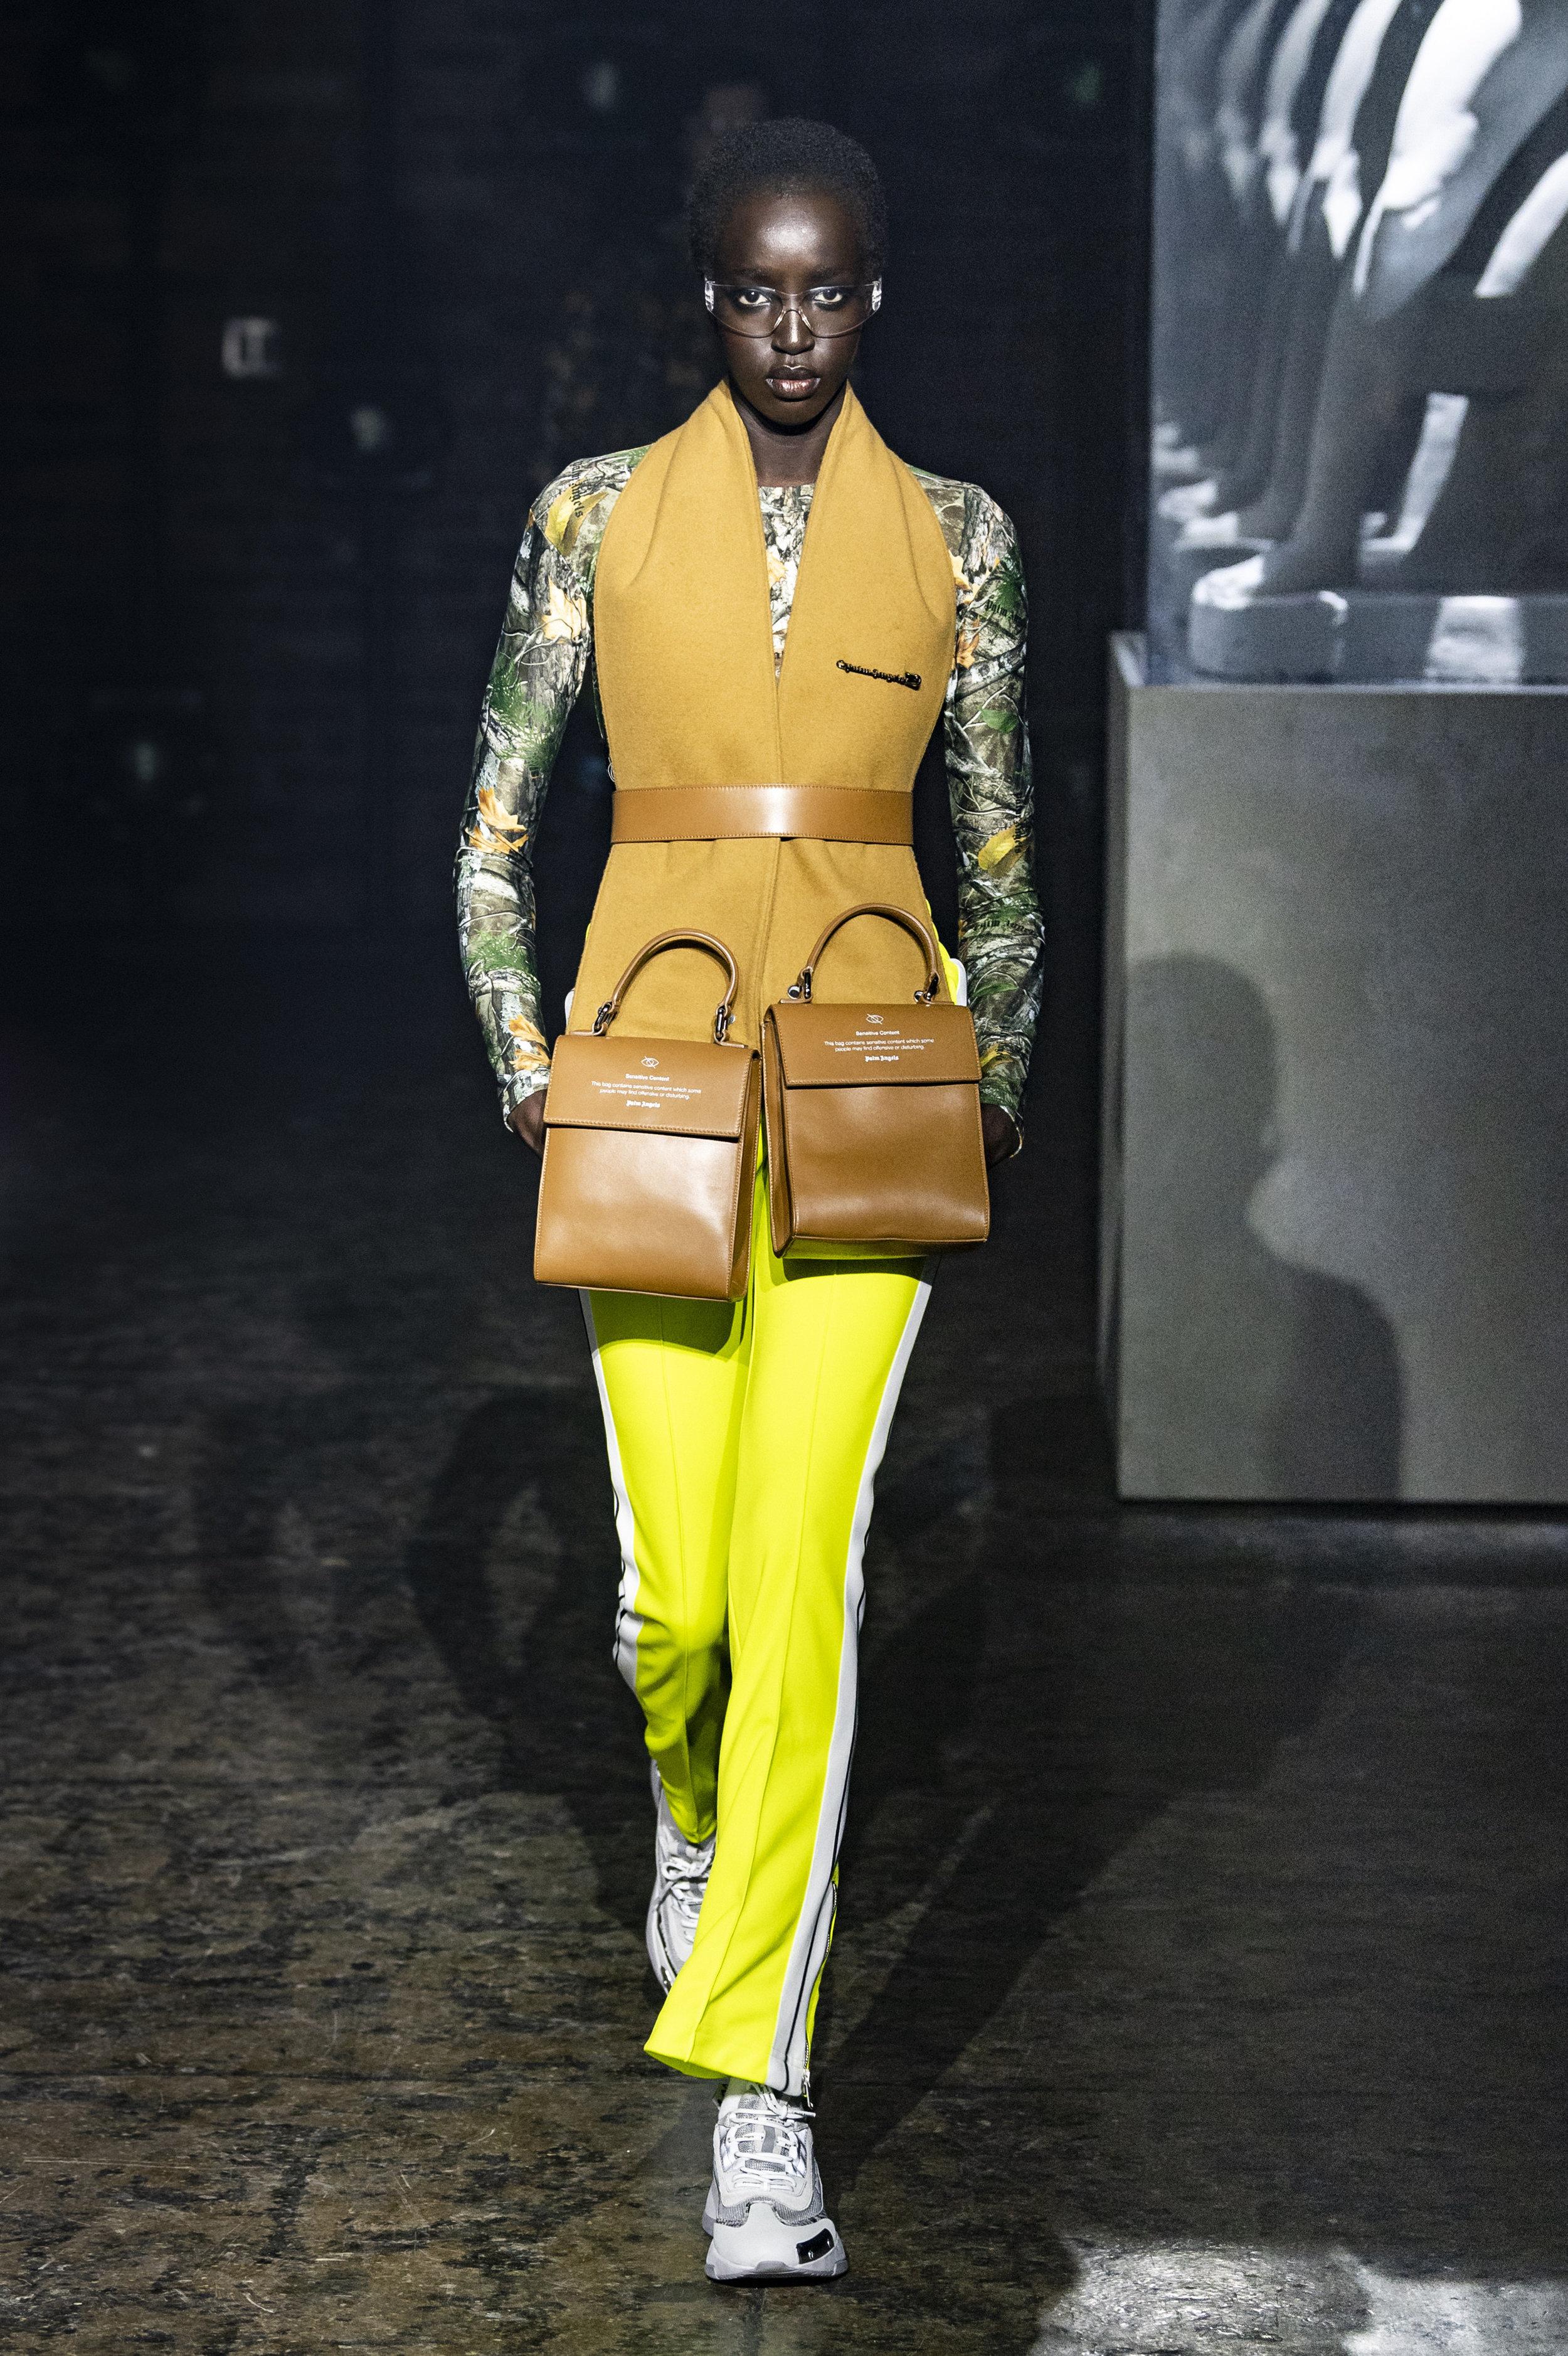 פאלם איינג׳לס, בשבוע האופנה של ניו יורק, קולקציית סתיו-חורף 2019 (צילום: יח״צ)